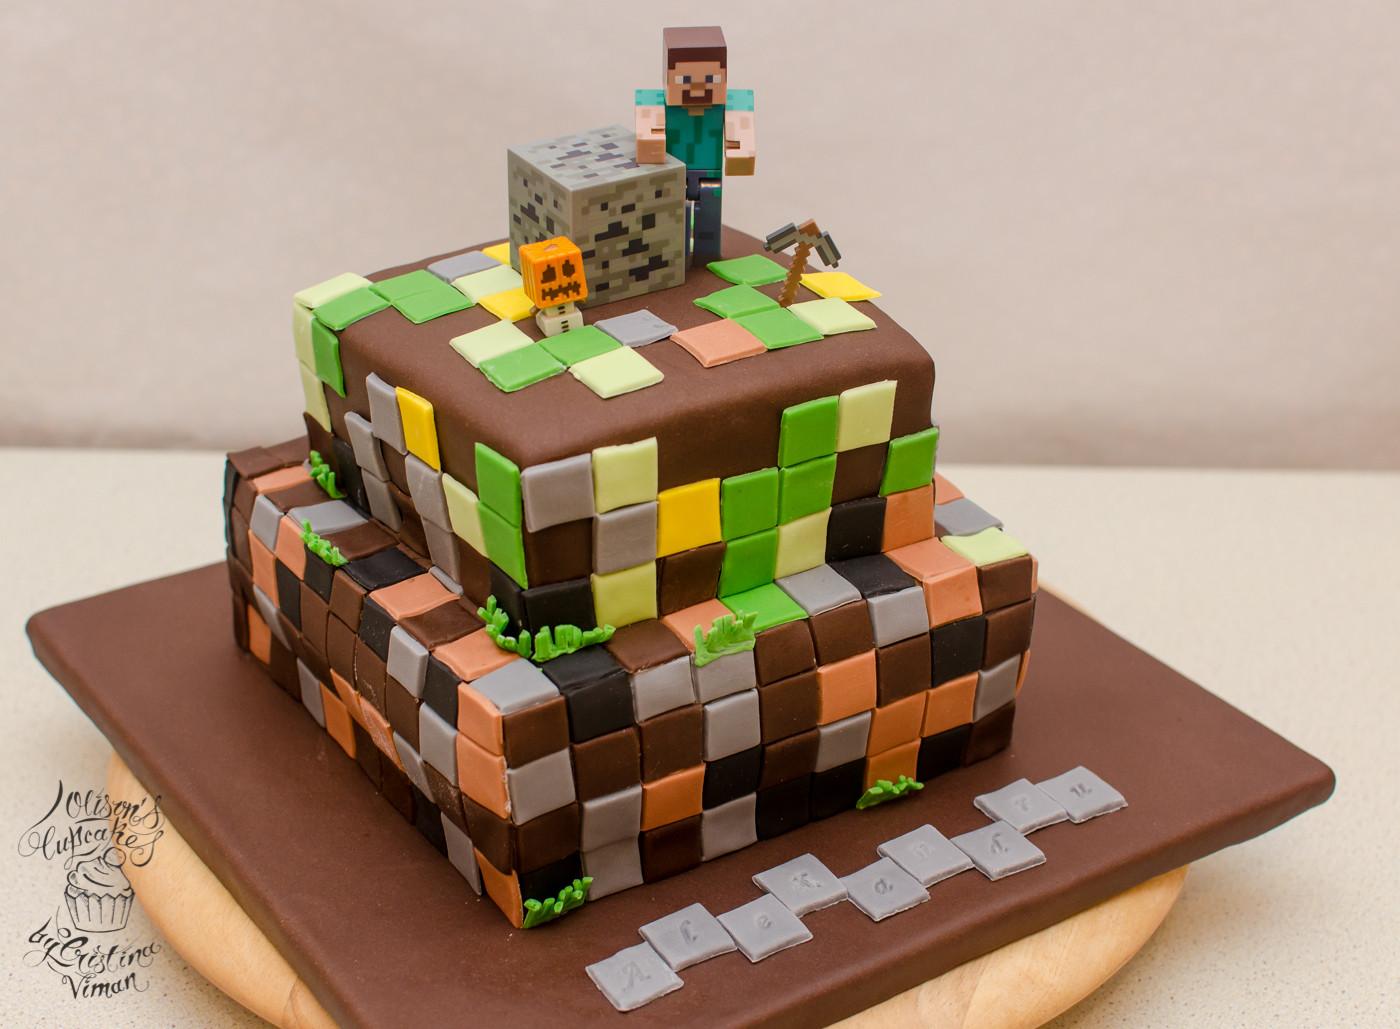 Best ideas about Minecraft Birthday Cake . Save or Pin Minecraft Birthday Cake – Olison s Cupcakes Now.